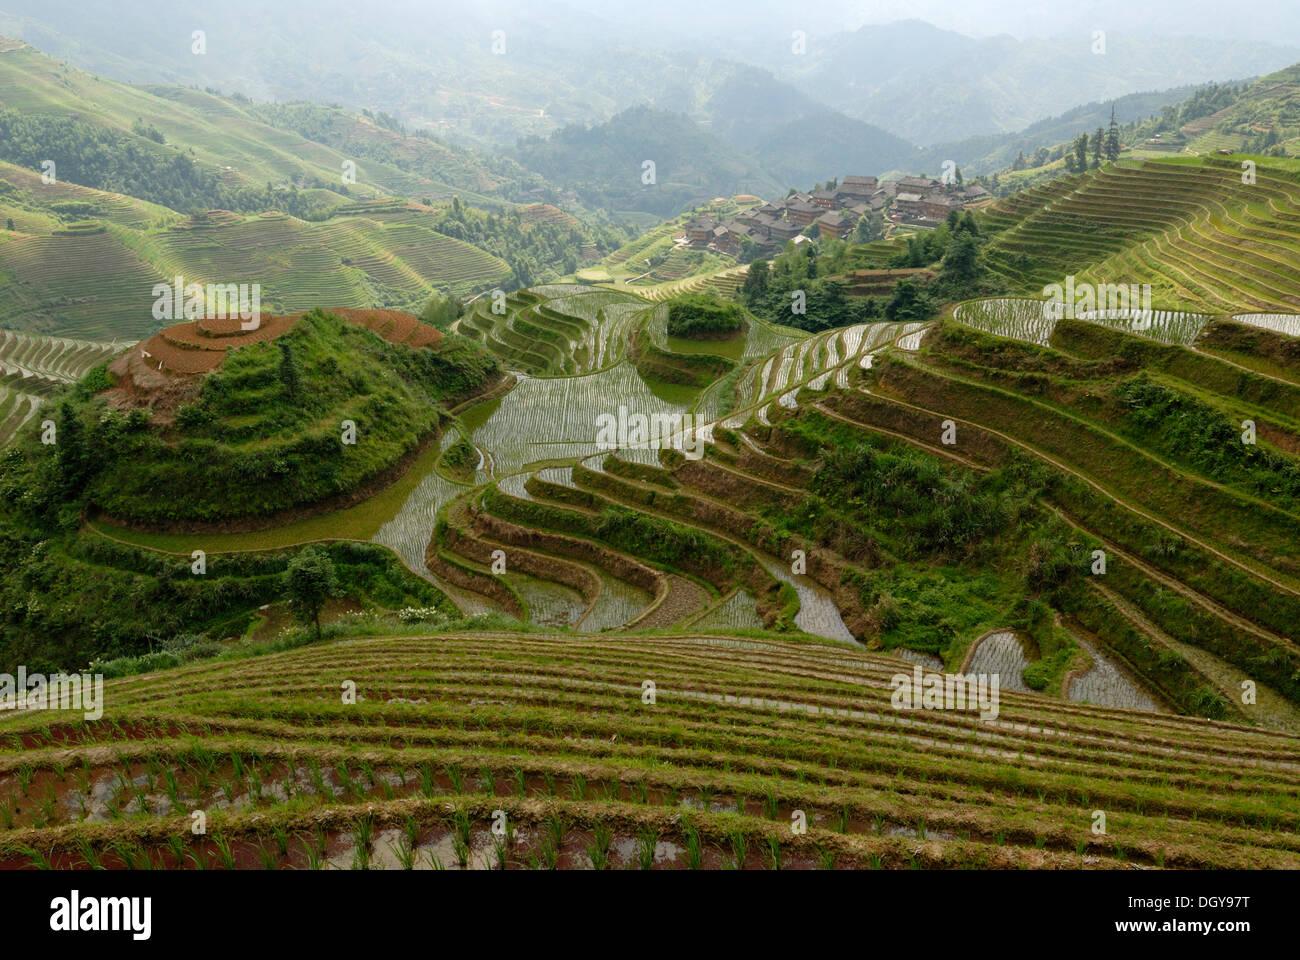 """Des célèbres rizières en terrasse de Longji 'épine dorsale du Dragon"""" ou """"vertèbre de the dragon' pour la culture du riz paddy, Dazhai, Ping'an Photo Stock"""